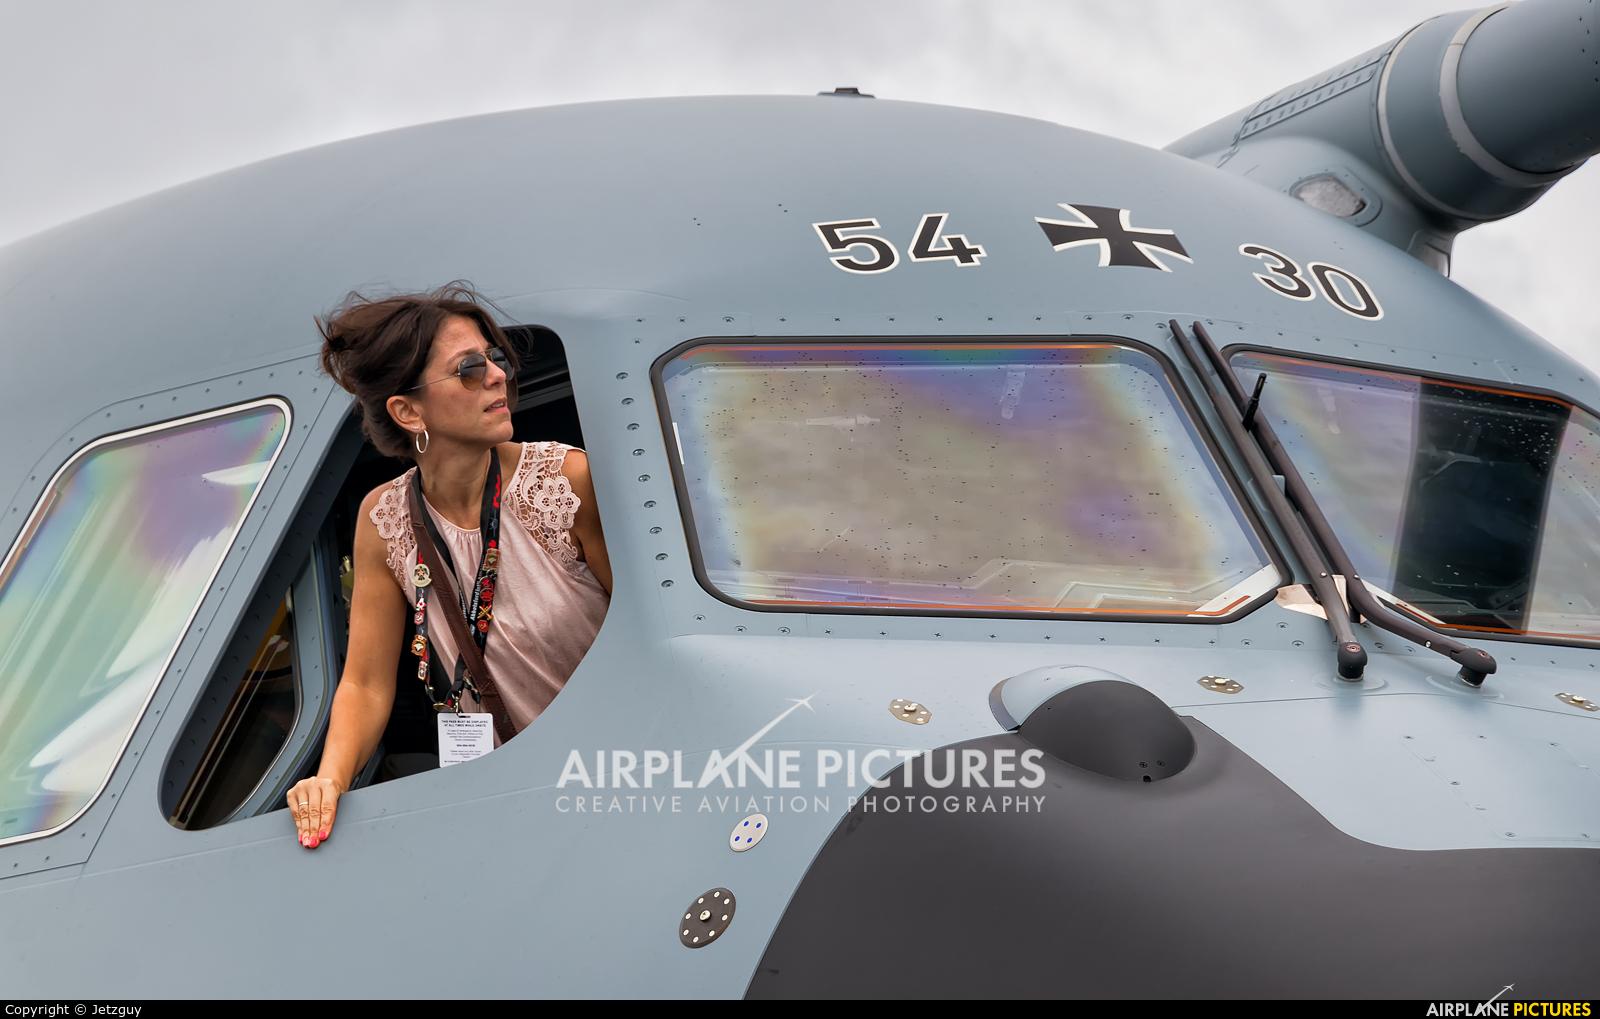 - Aviation Glamour 54+30 aircraft at Abbotsford, BC